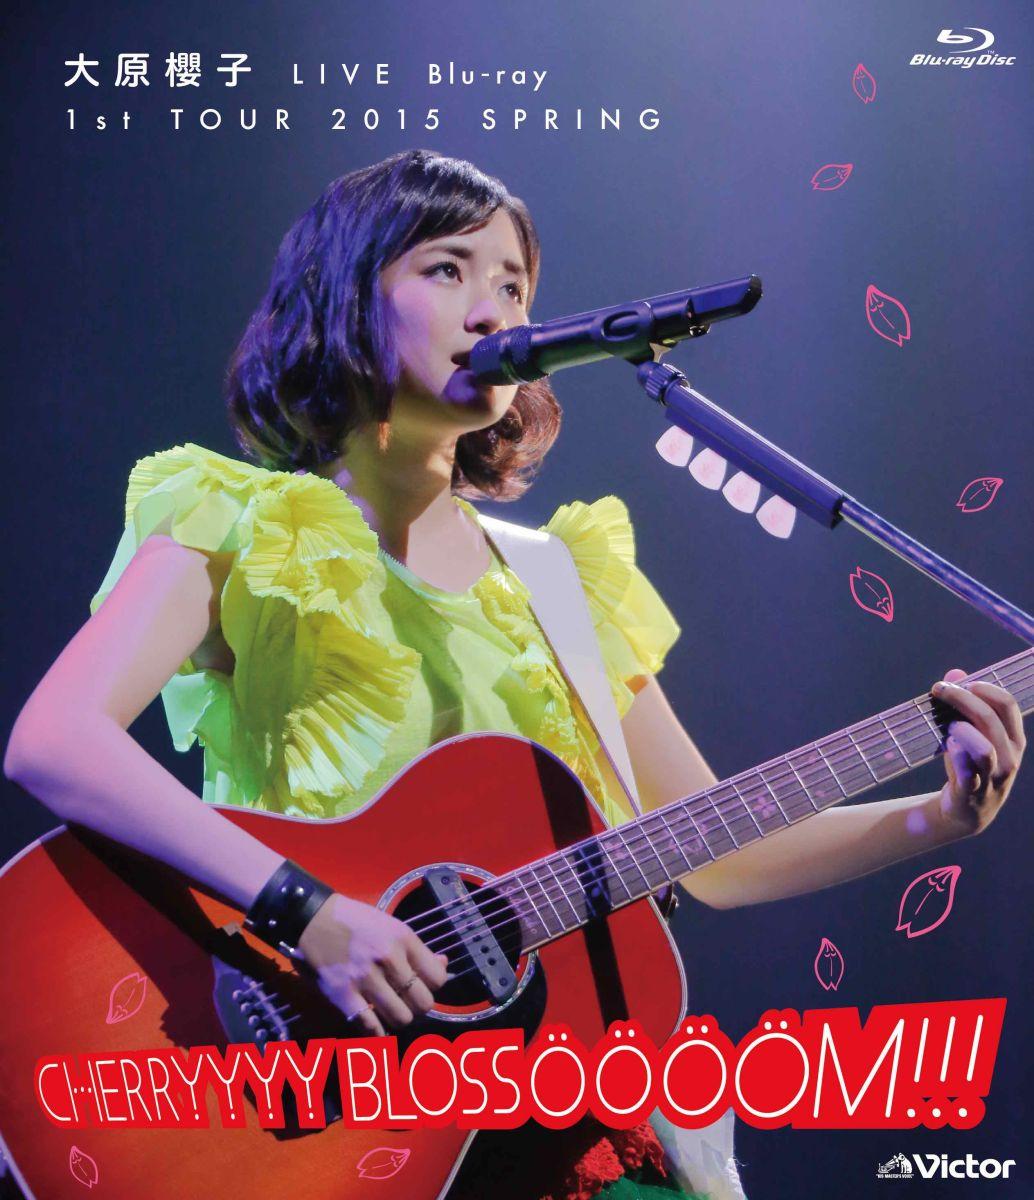 大原櫻子 LIVE Blu-ray 1st TOUR 2015 SPRING〜CHERRYYYY BLOSSOOOOM!!!〜 【Blu-ray】画像